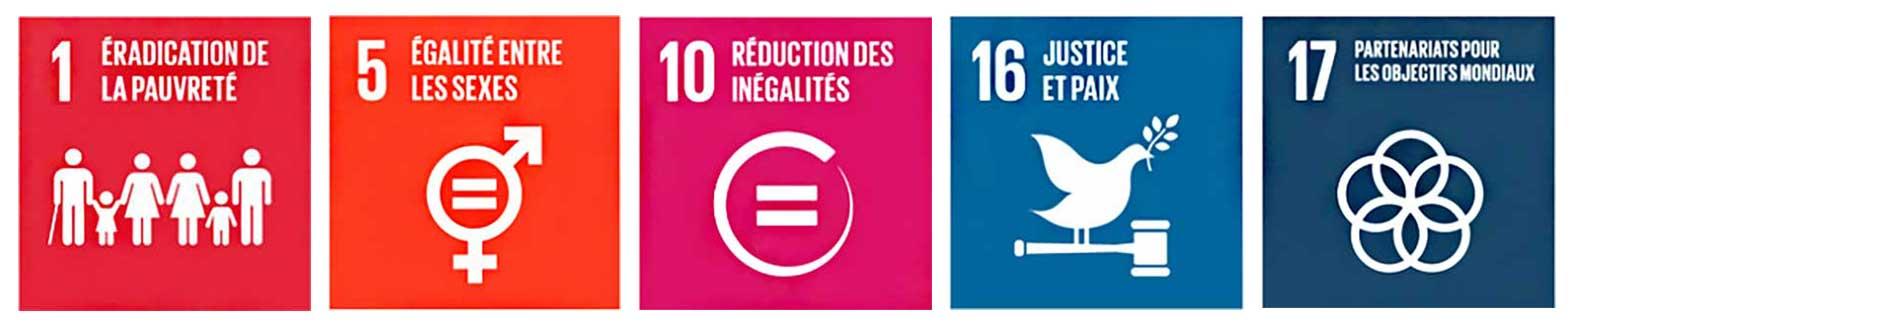 Objectifs de développement durable 2030 liés au thème citoyenneté